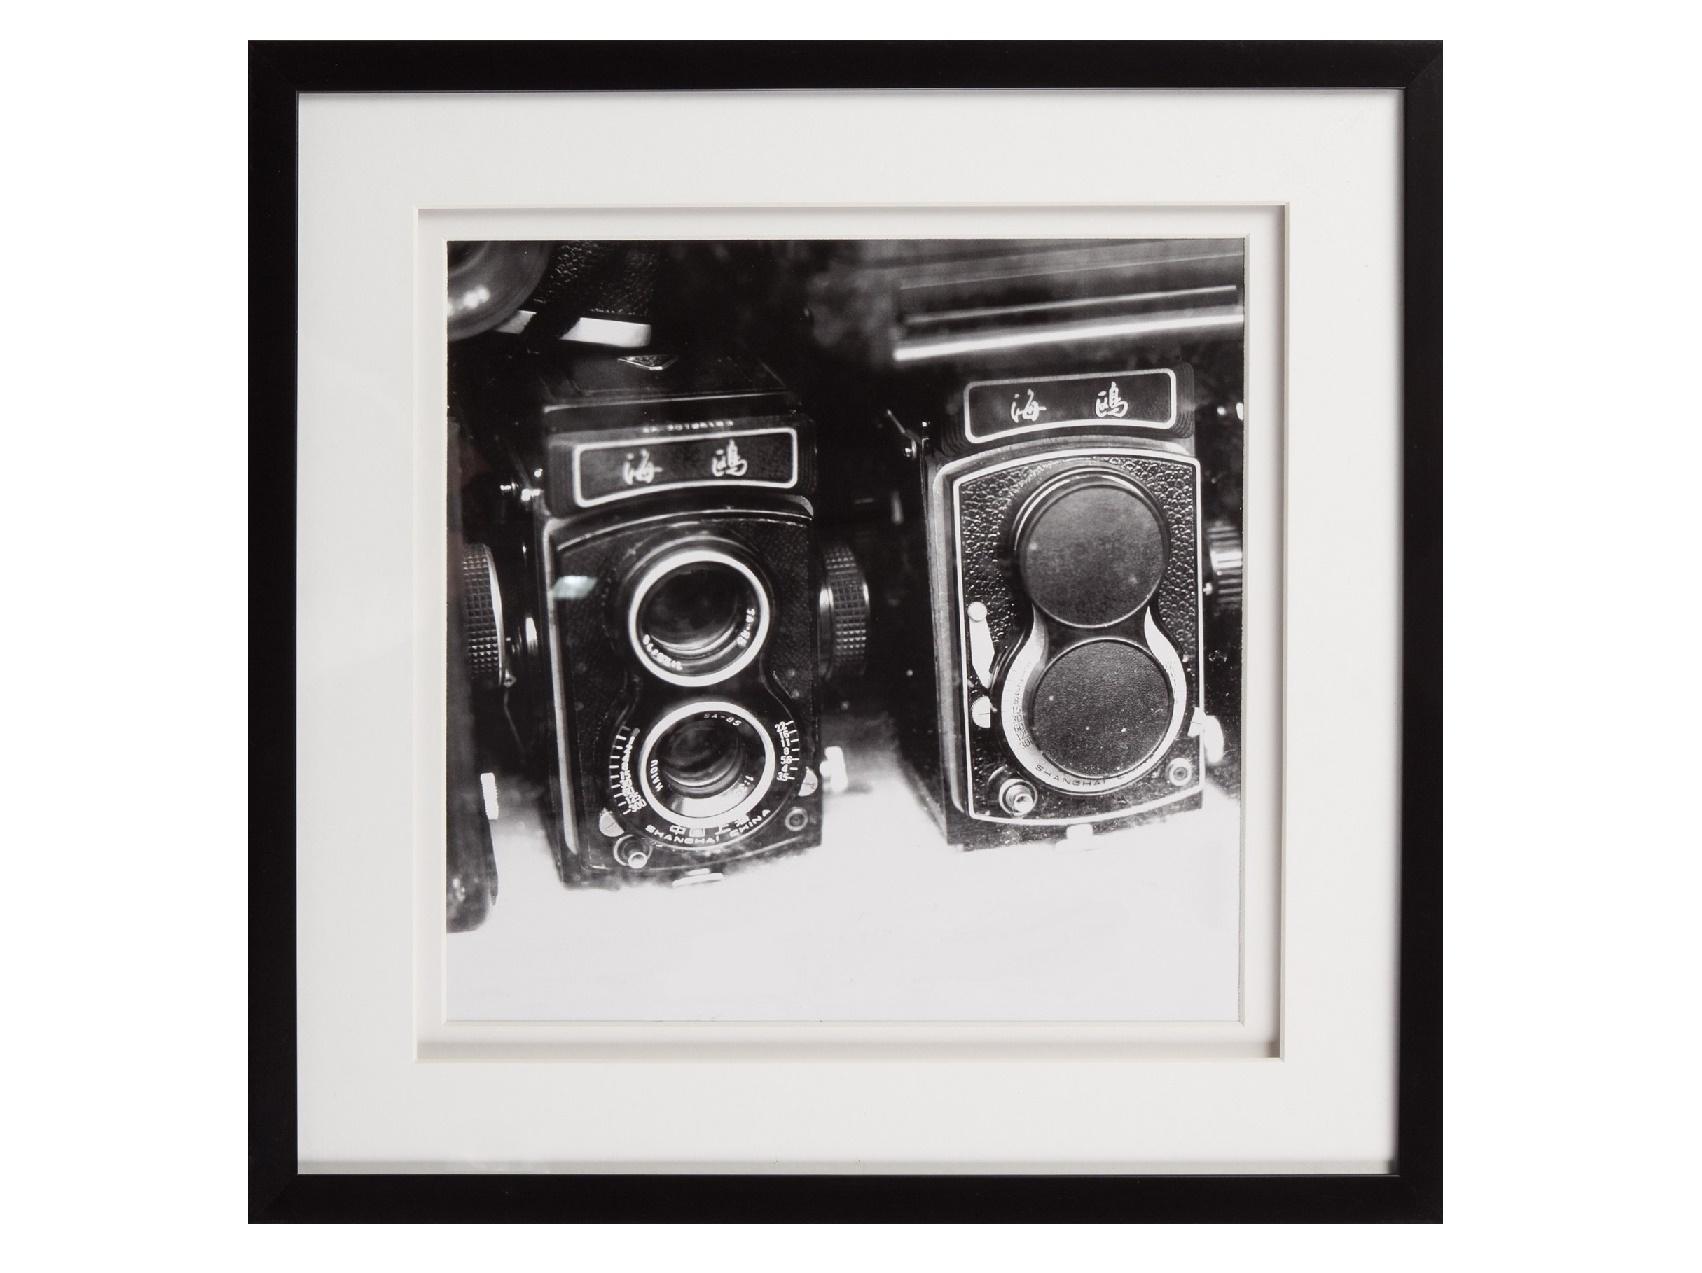 Постер с паспарту в раме Rare FindsПостеры<br>&amp;quot;Rare Finds&amp;quot; ? постер, на котором изображены старинные фотоаппараты. Такая картина, пропитанная ретро-шиком, позволит привнести в оформление пространства классическую элегантность. Она превосходно дополнит сдержанные традиционные или загадочные винтажные интерьеры.<br><br><br><br><br>&amp;amp;nbsp;&amp;amp;nbsp;&amp;lt;div&amp;gt;&amp;lt;br&amp;gt;&amp;lt;/div&amp;gt;&amp;lt;div&amp;gt;Рама - дерево.&amp;lt;/div&amp;gt;<br><br>Material: Бумага<br>Ширина см: 44<br>Высота см: 44<br>Глубина см: 3